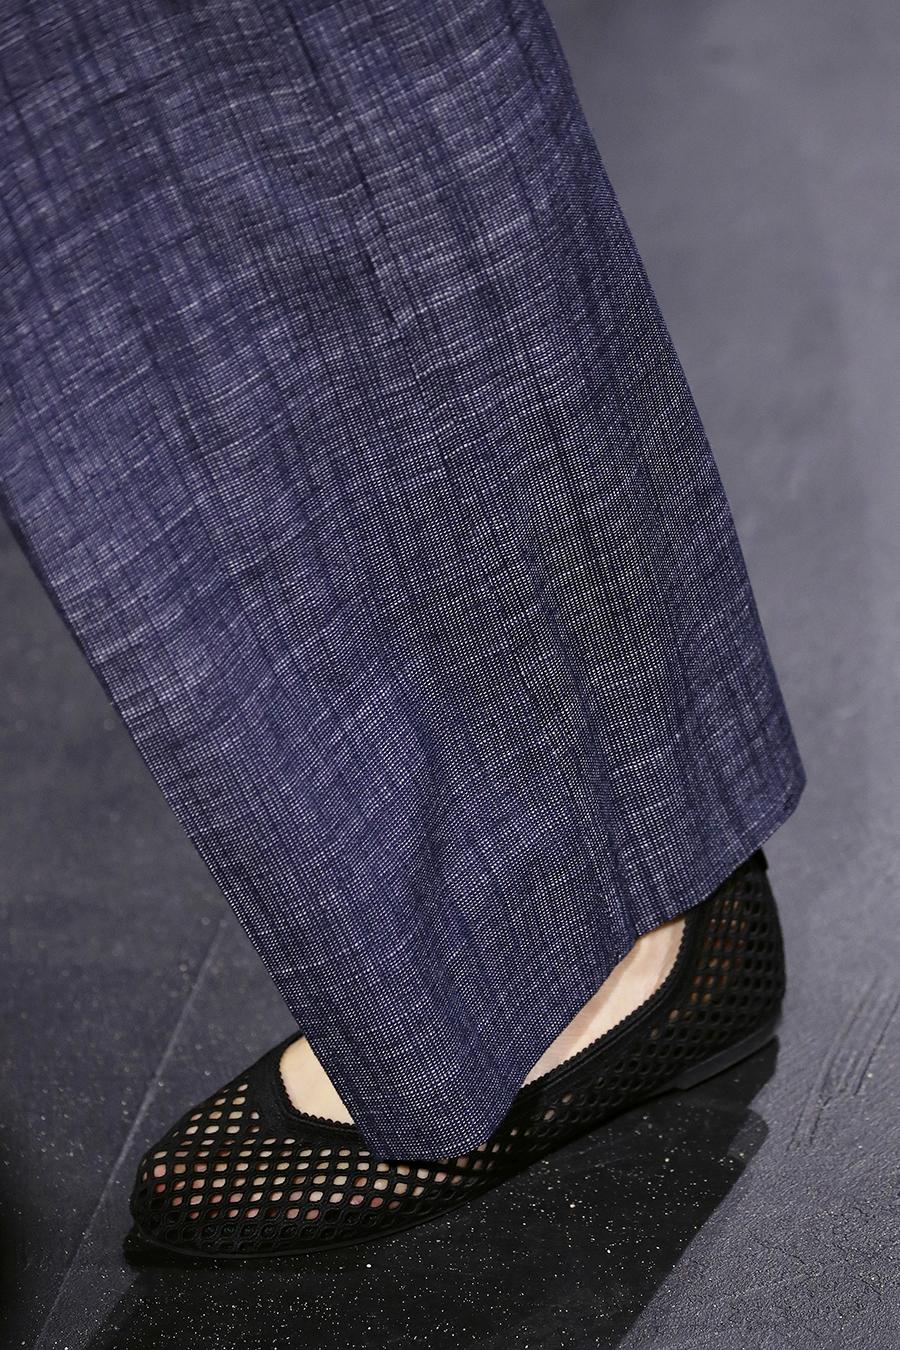 обувь весна 2021 туфли ботильоны ботинки с перфорацией черные на низком плоском ходу